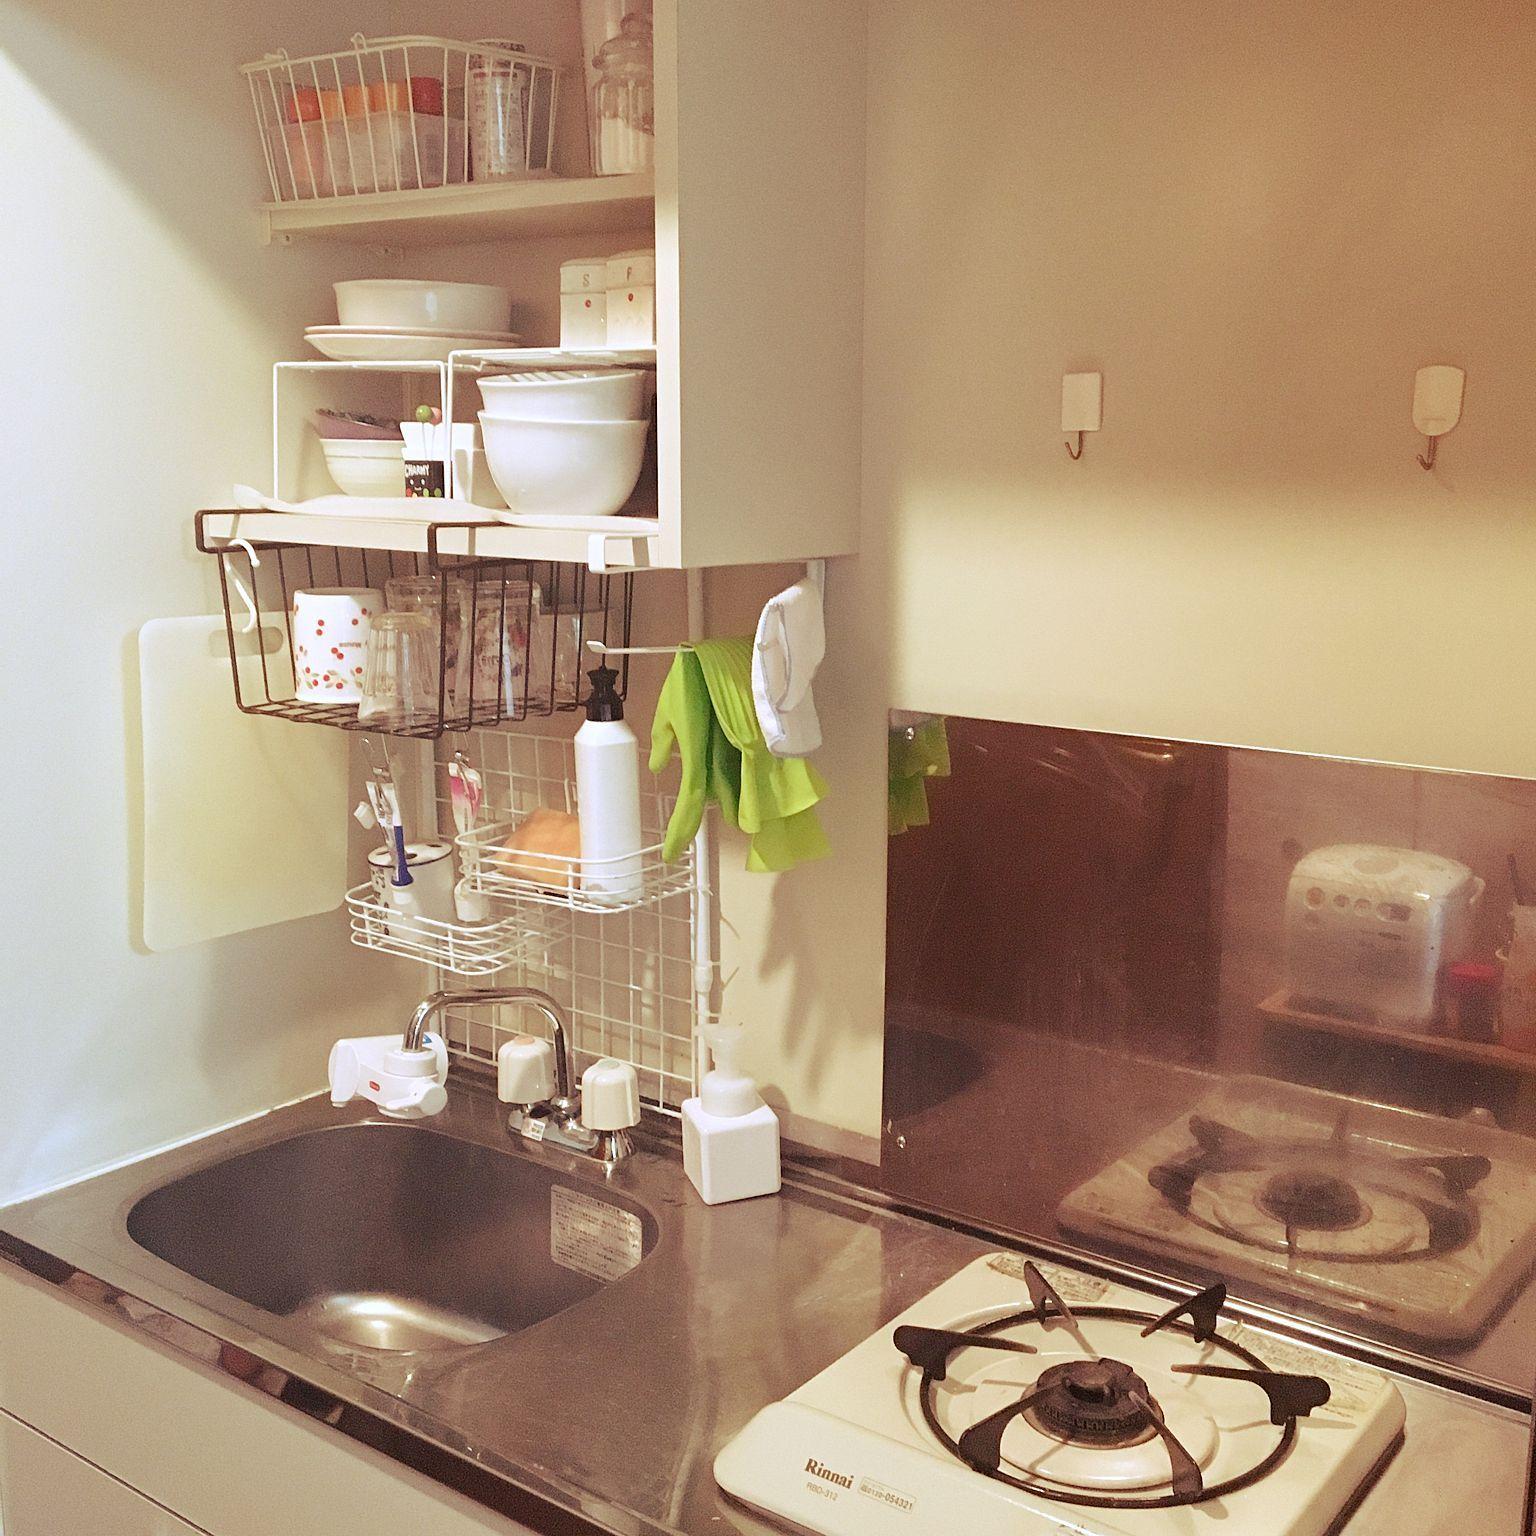 キッチン 1k 1k 1人暮らし 一人暮らし 白 などのインテリア実例 2016 10 19 12 17 58 Roomclip ルームクリップ 一人暮らし キッチン 狭い 収納 一人暮らし キッチン 狭い 狭いキッチン レイアウト